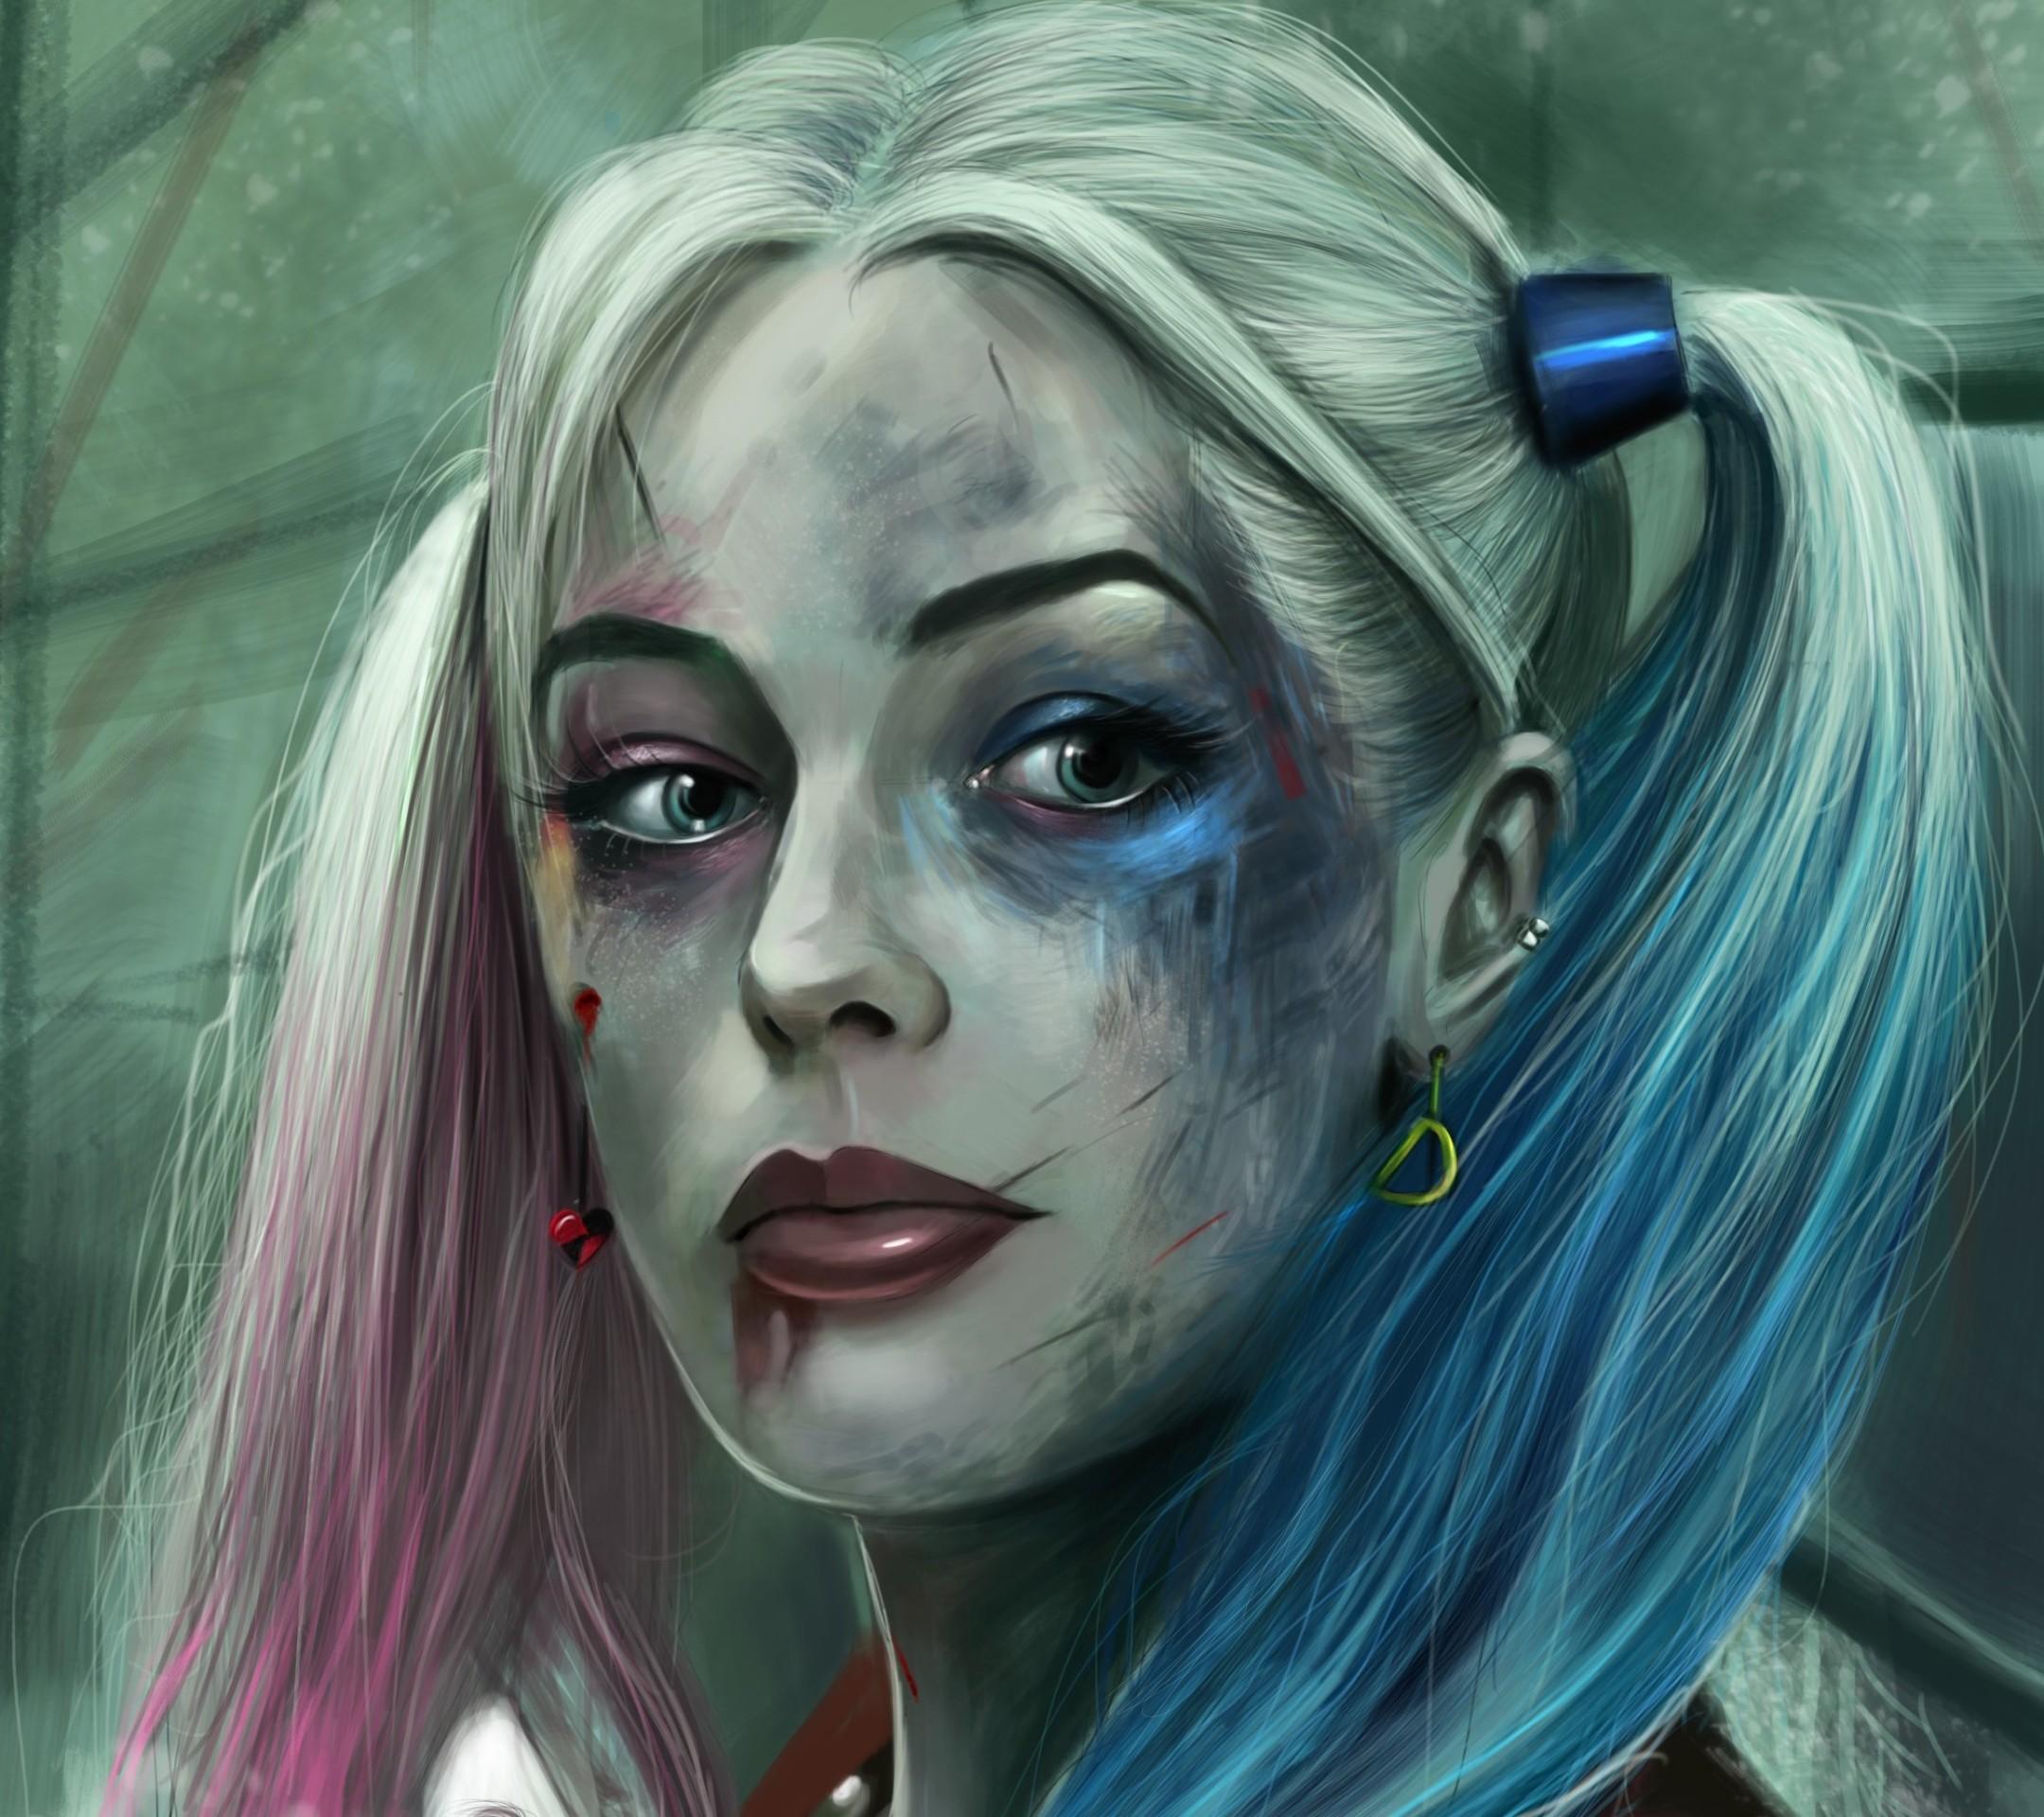 1920x1080 SUICIDE SQUAD Joker Harley Quinn Trailer 2016 Jared Leto Margot Robbie Movie